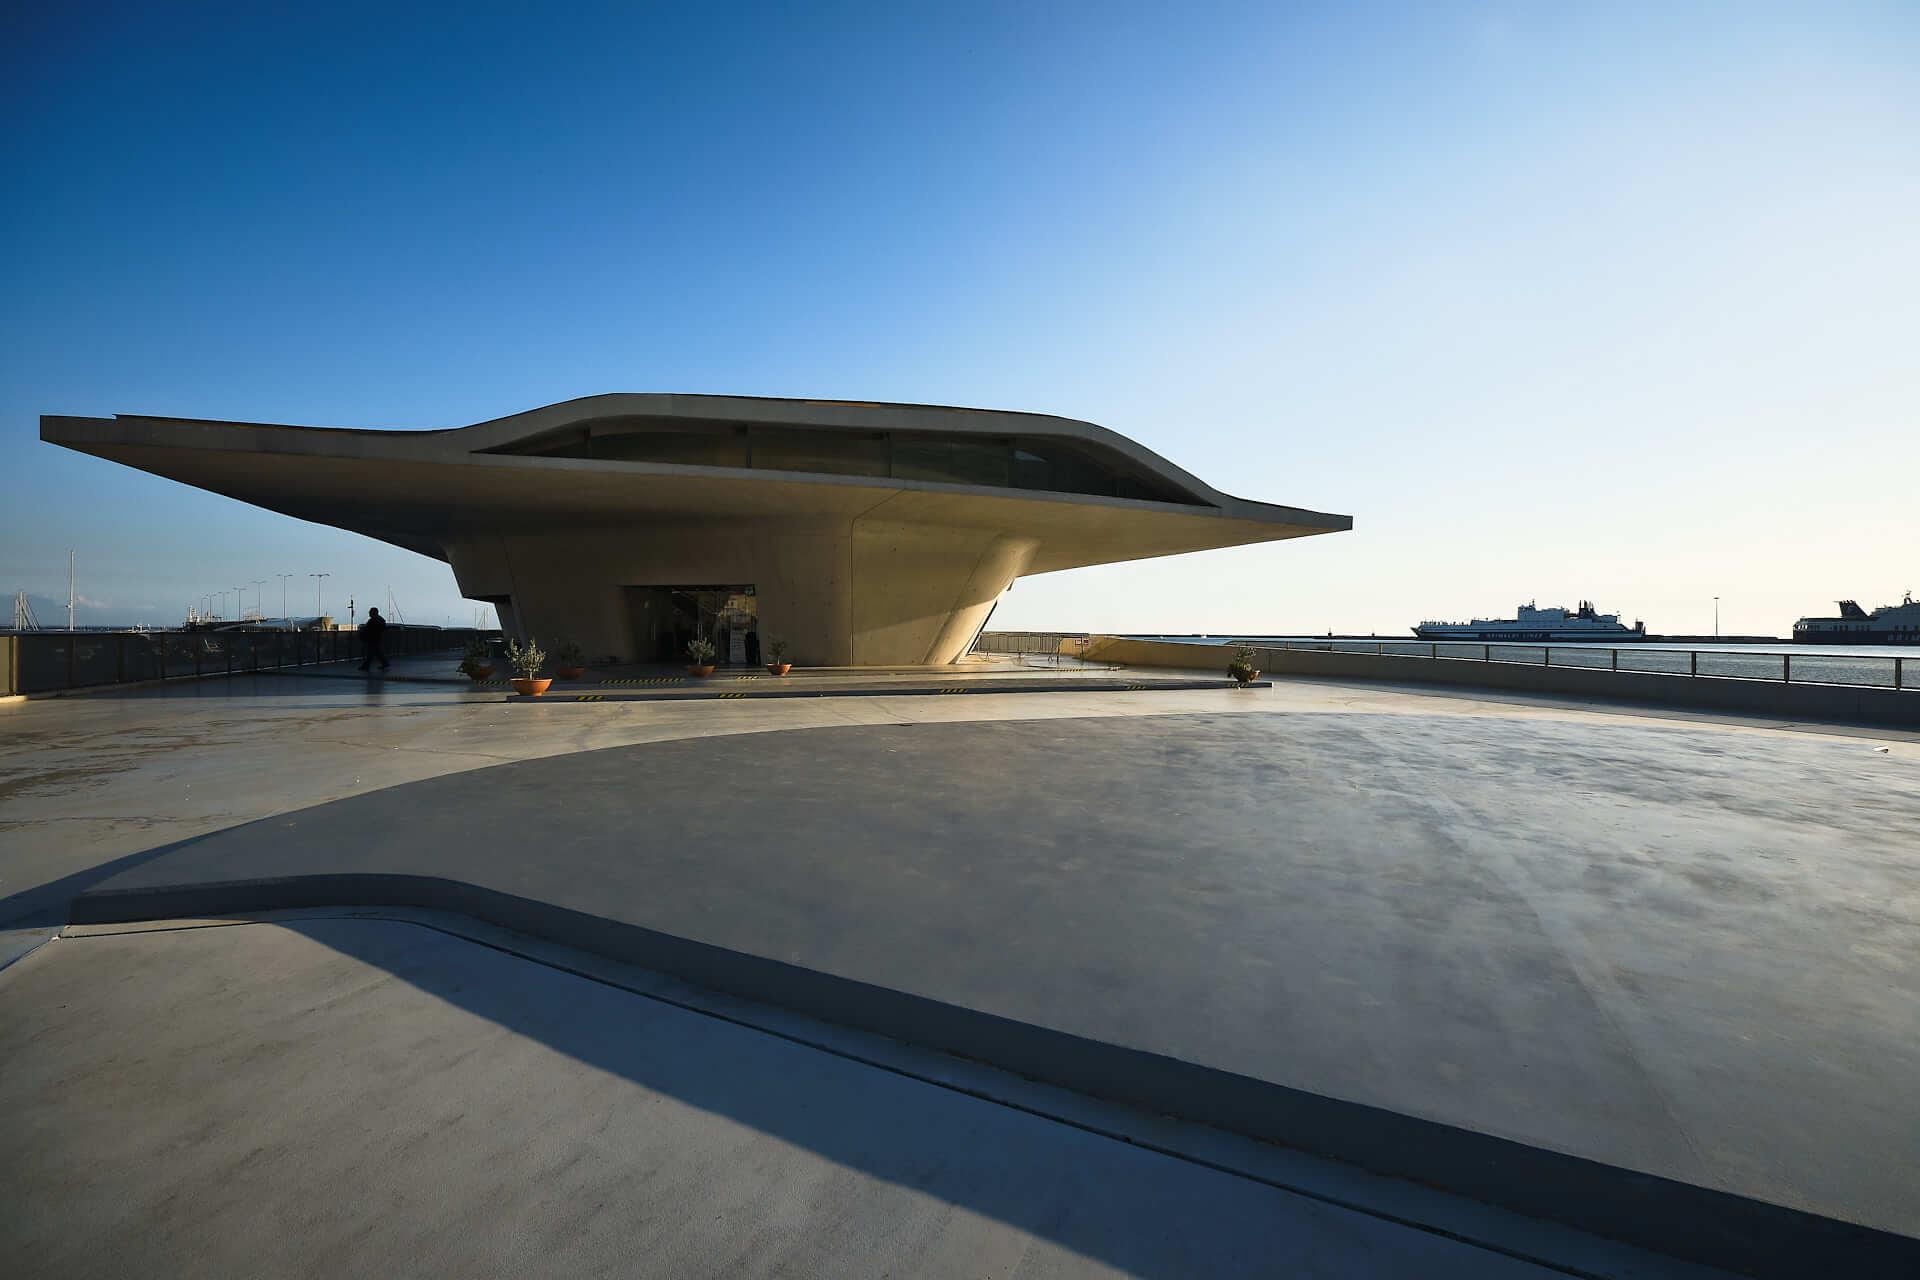 Fotografie Stazione marittima di Salerno, Architetto Zaha Hadid